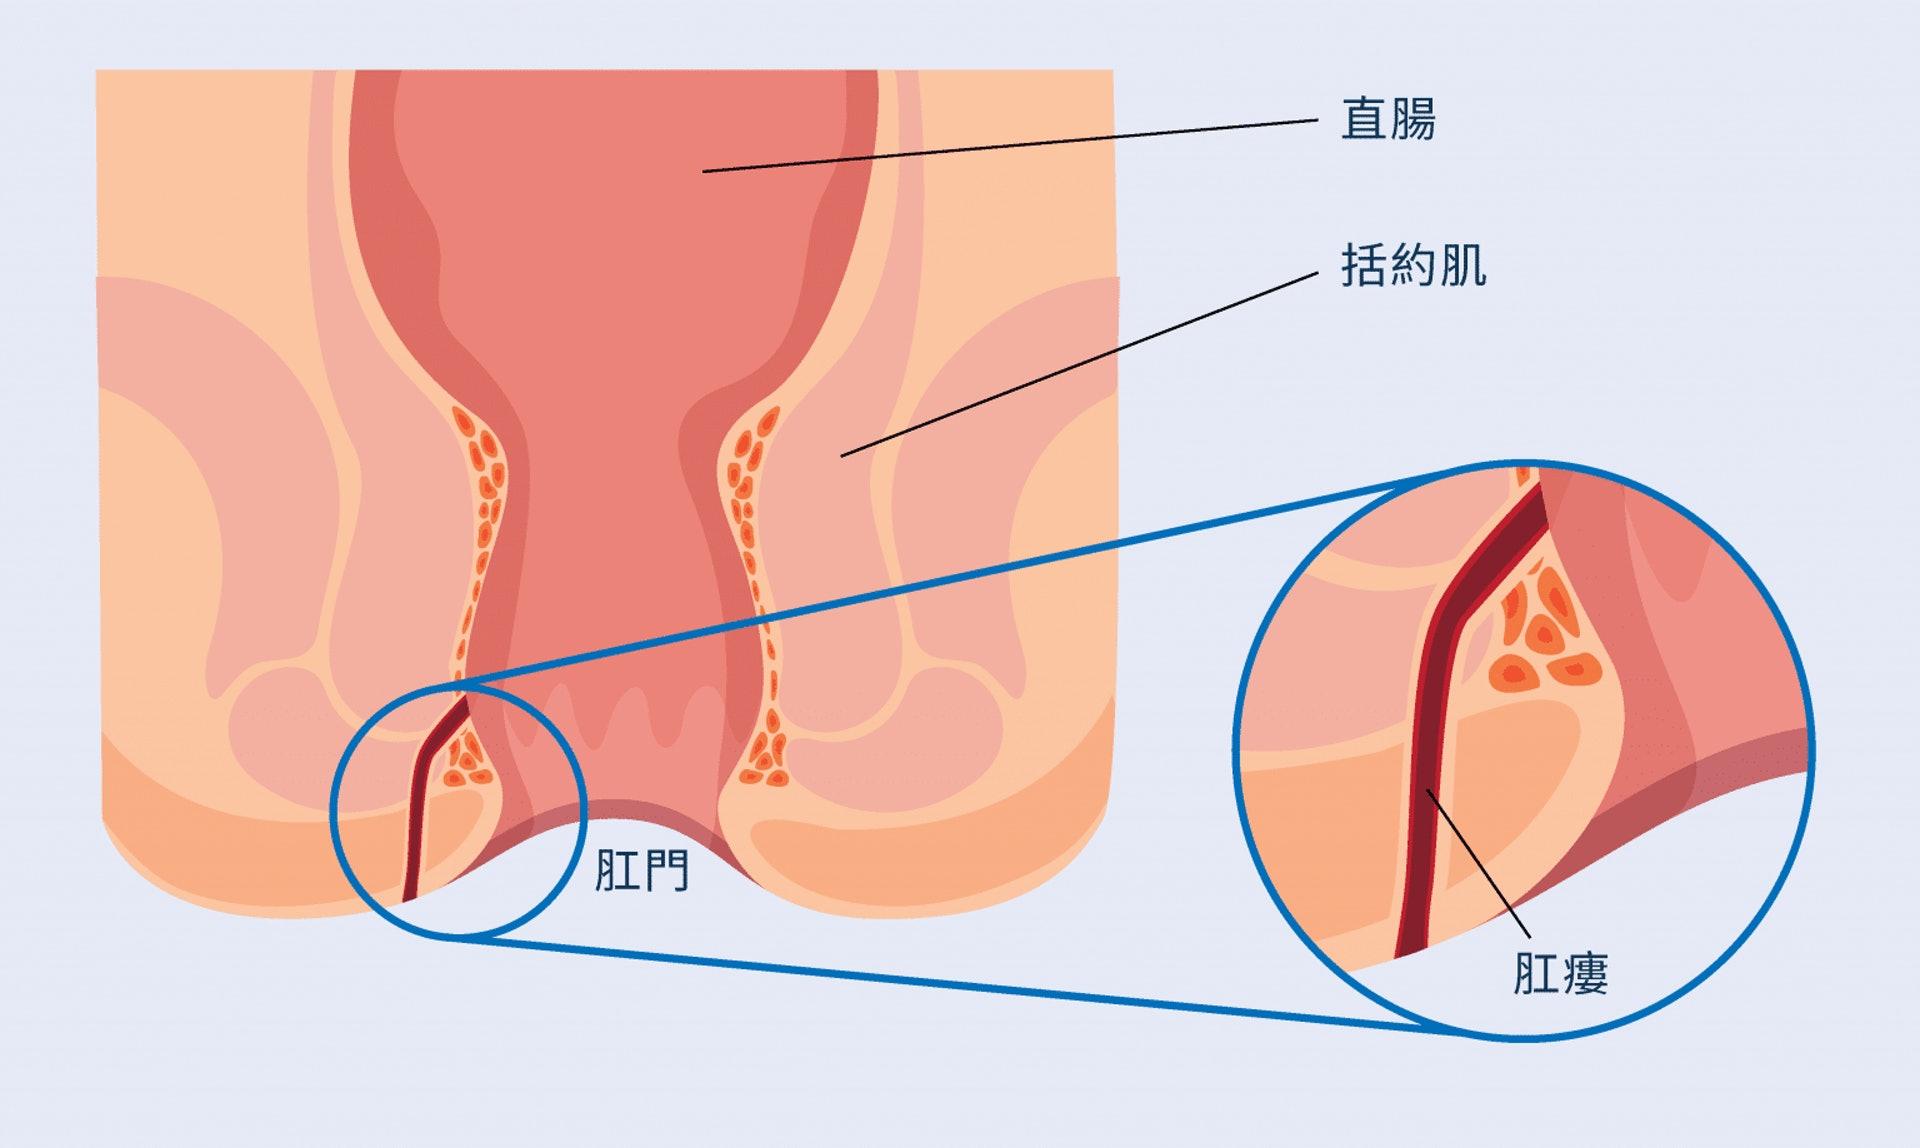 肛門瘻管在肛門直腸內和肛門外圍的皮膚形成。開口和肛門直腸相通,令開口會不斷受糞便和細菌污染,造成感染,最終發炎。(圖片:ICON專科中心)